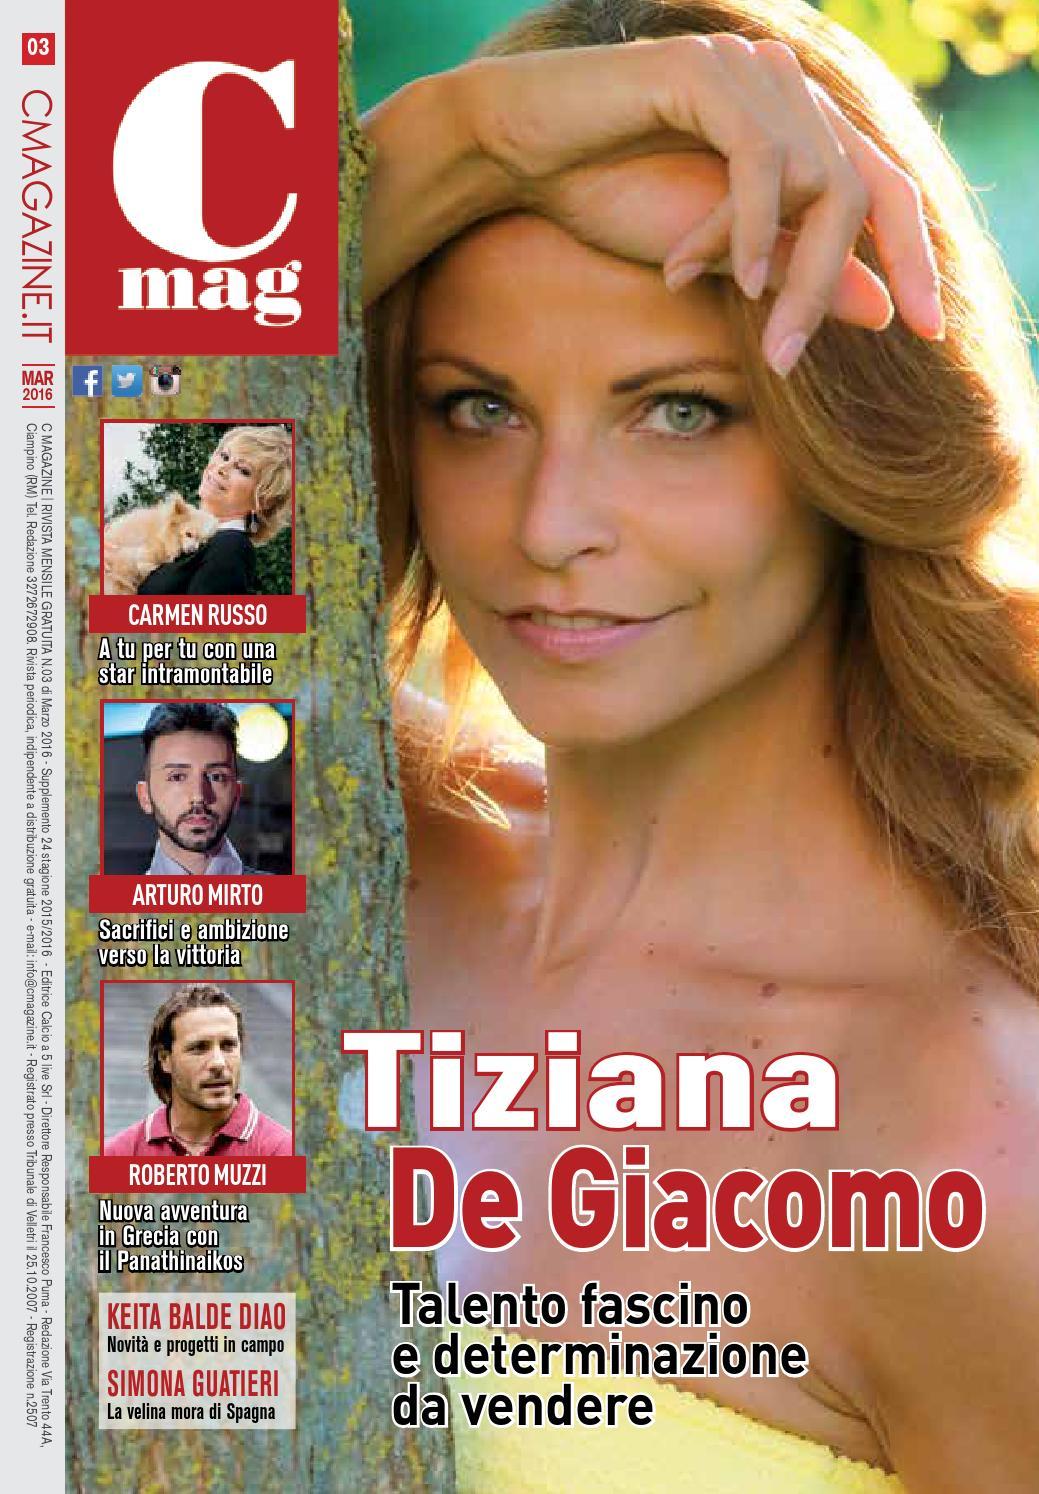 CMAG N.03 2016 by C magazine - issuu a1939473b66d